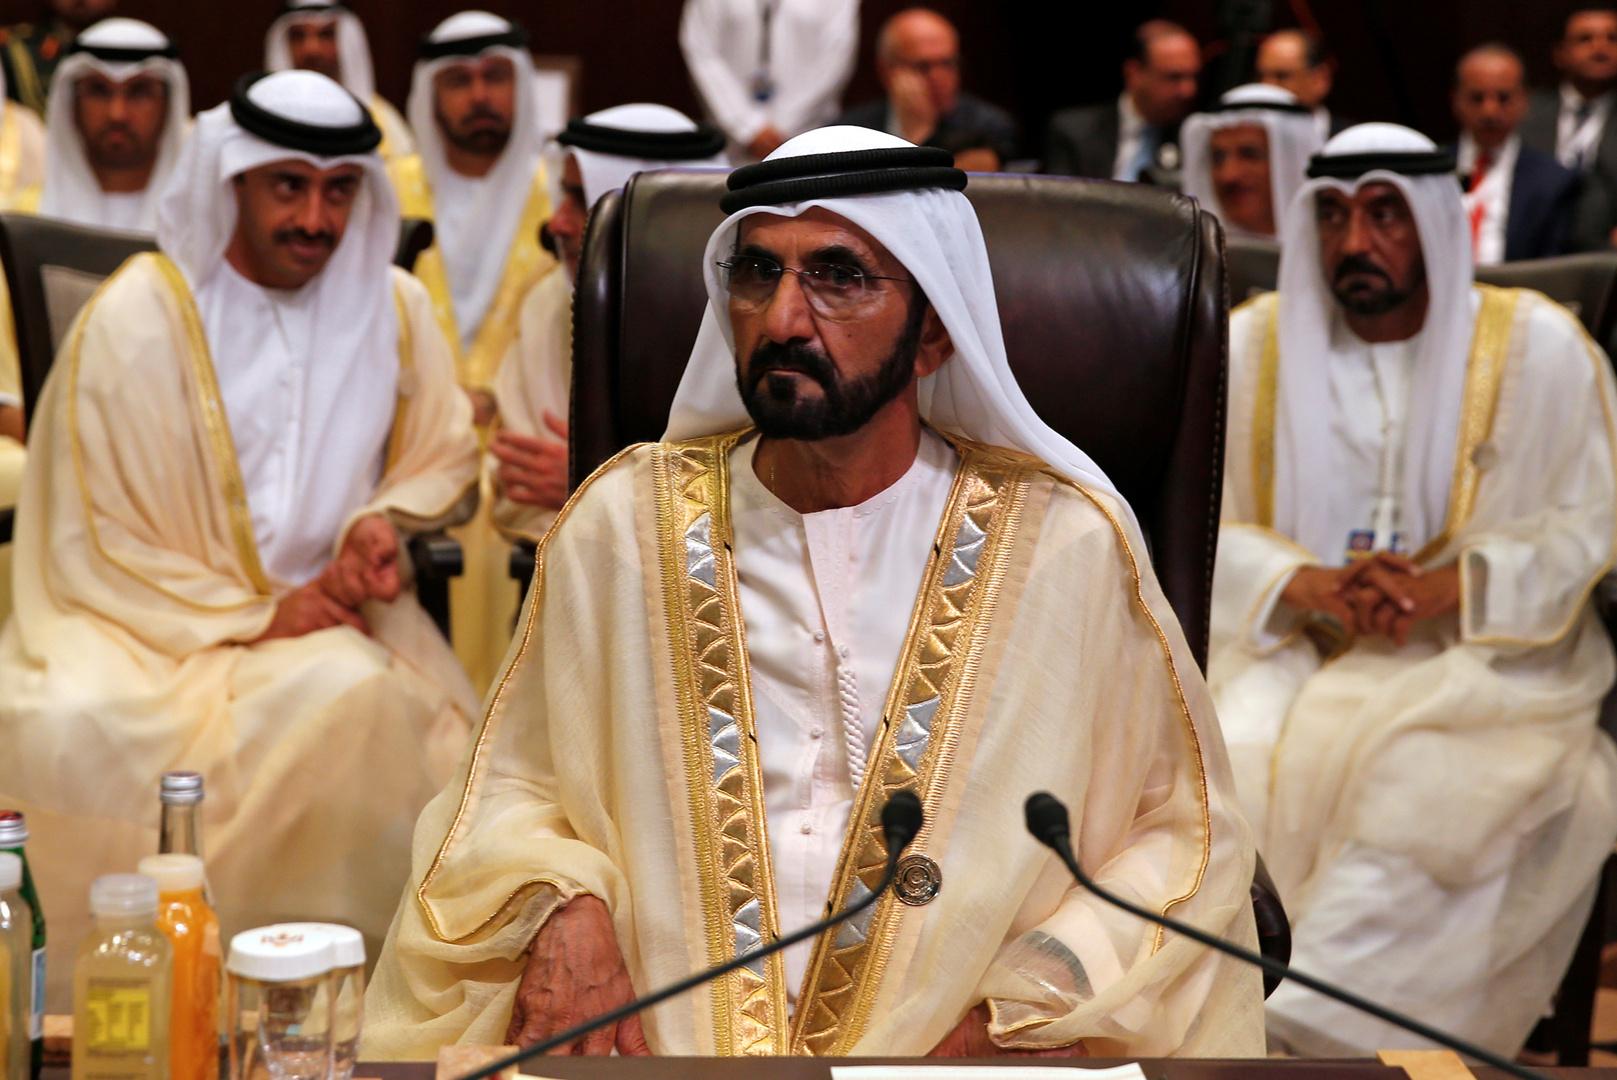 محمد بن راشد: قمة العلا موحدة للصف والتحديات القائمة تتطلب تعاونا خليجيا حقيقيا